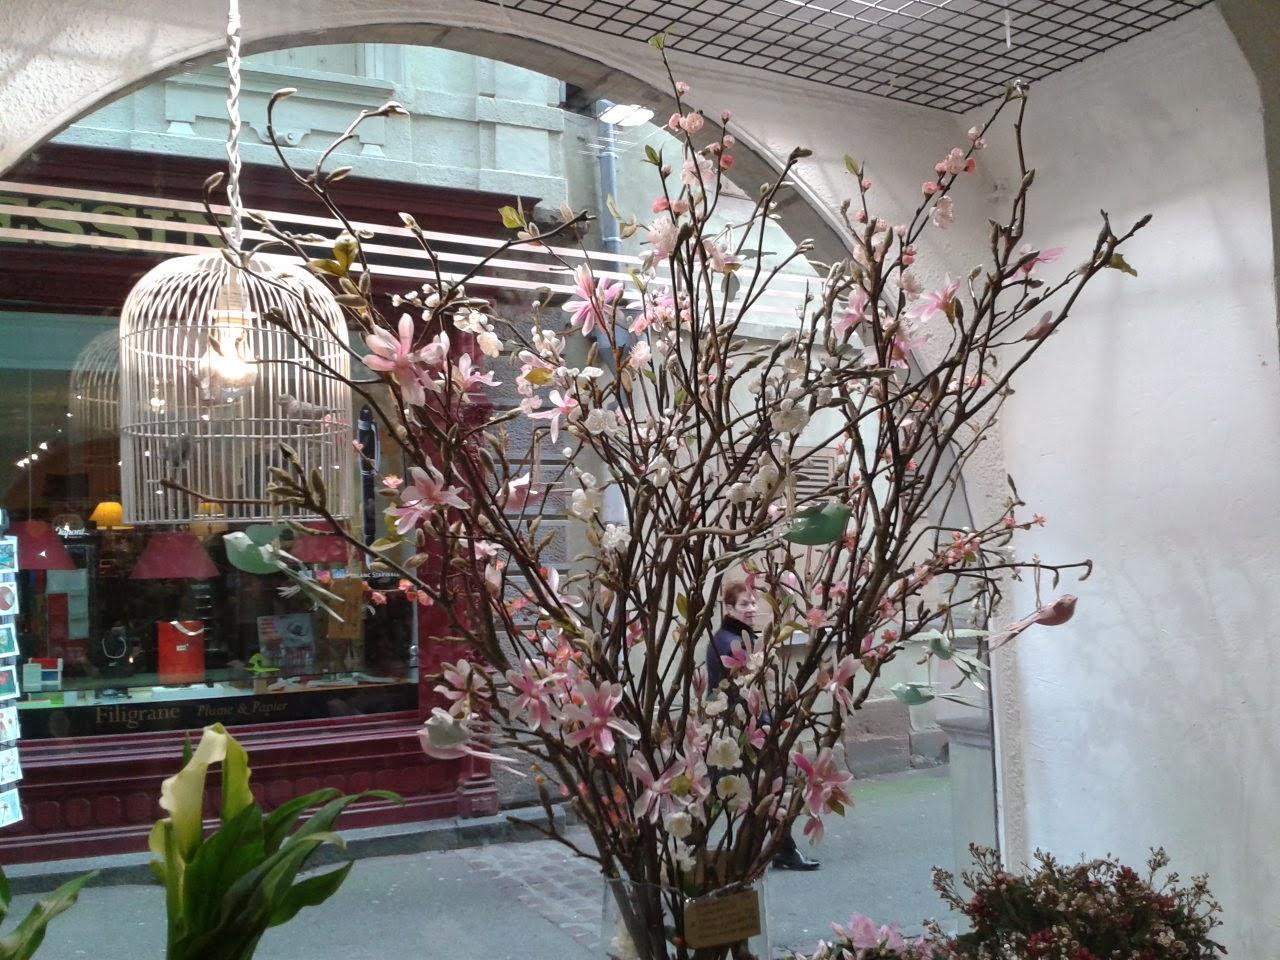 Home jasmin vitrine de printemps 2014 - Decoration vitrine printemps ...